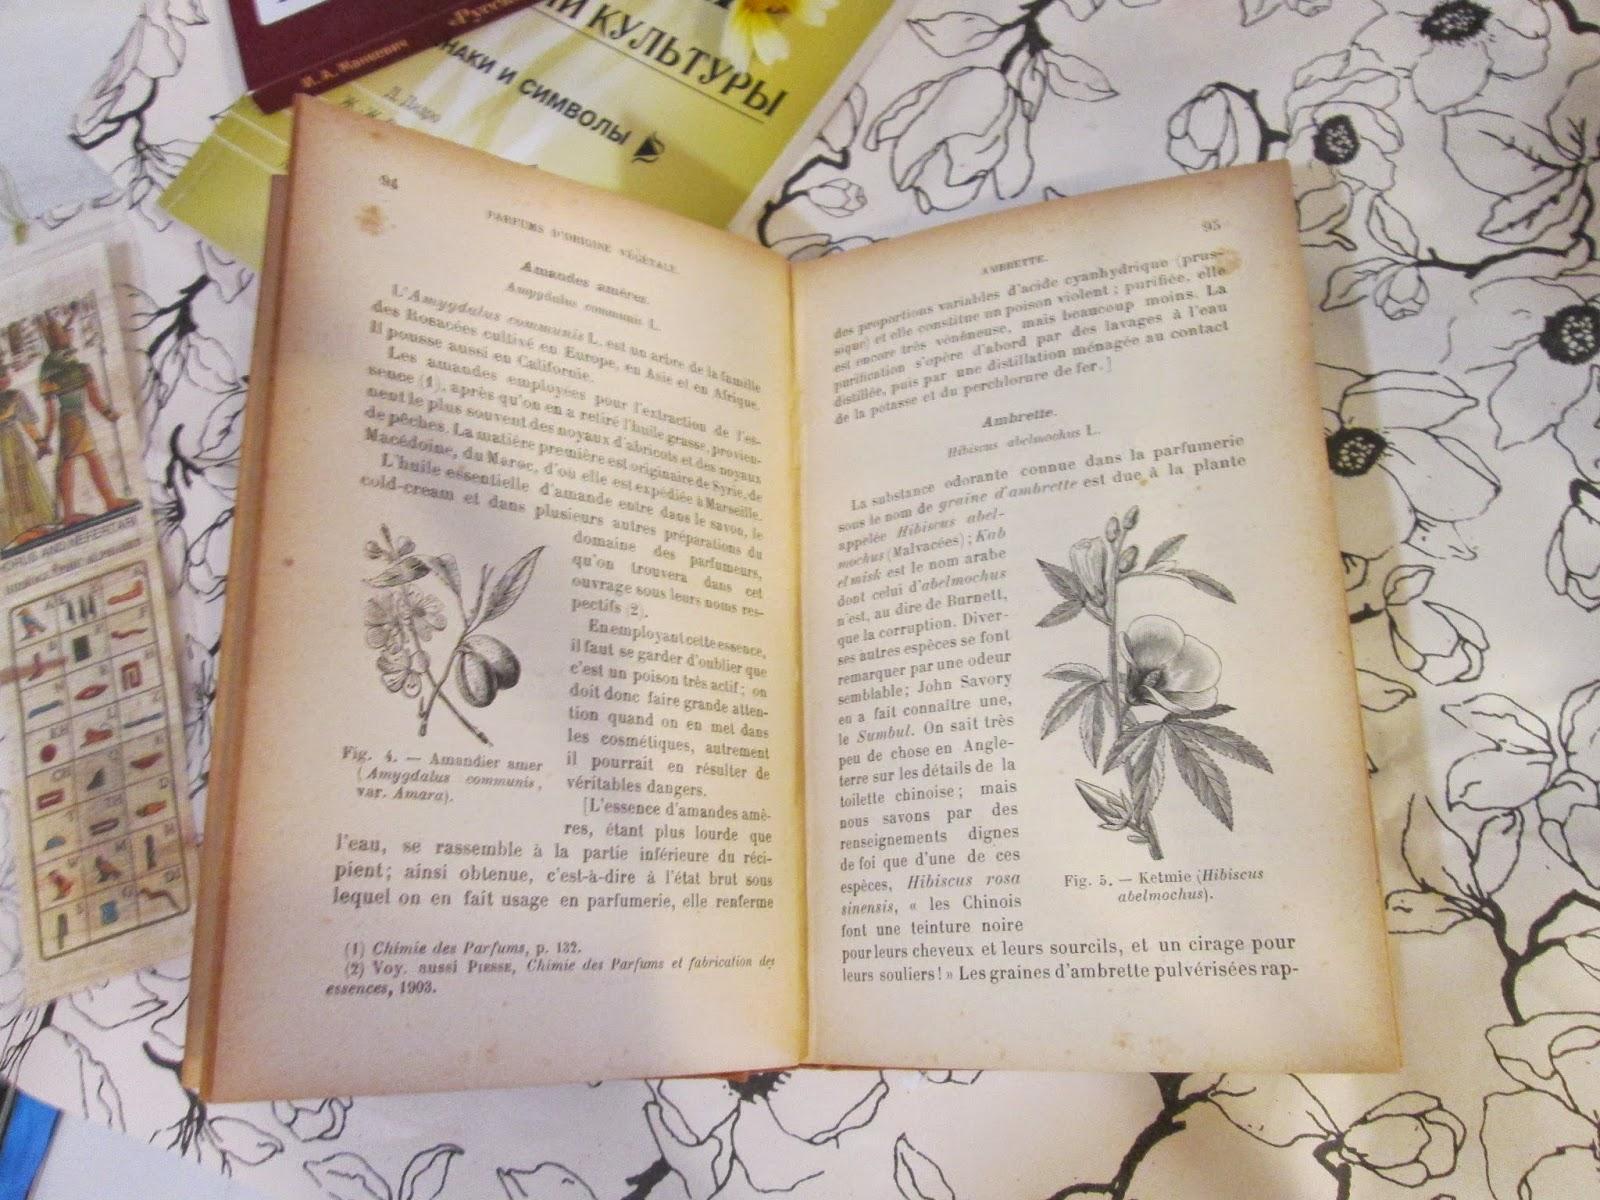 Антикварная книга по истории парфюмерии автора Септимуса Пьесса